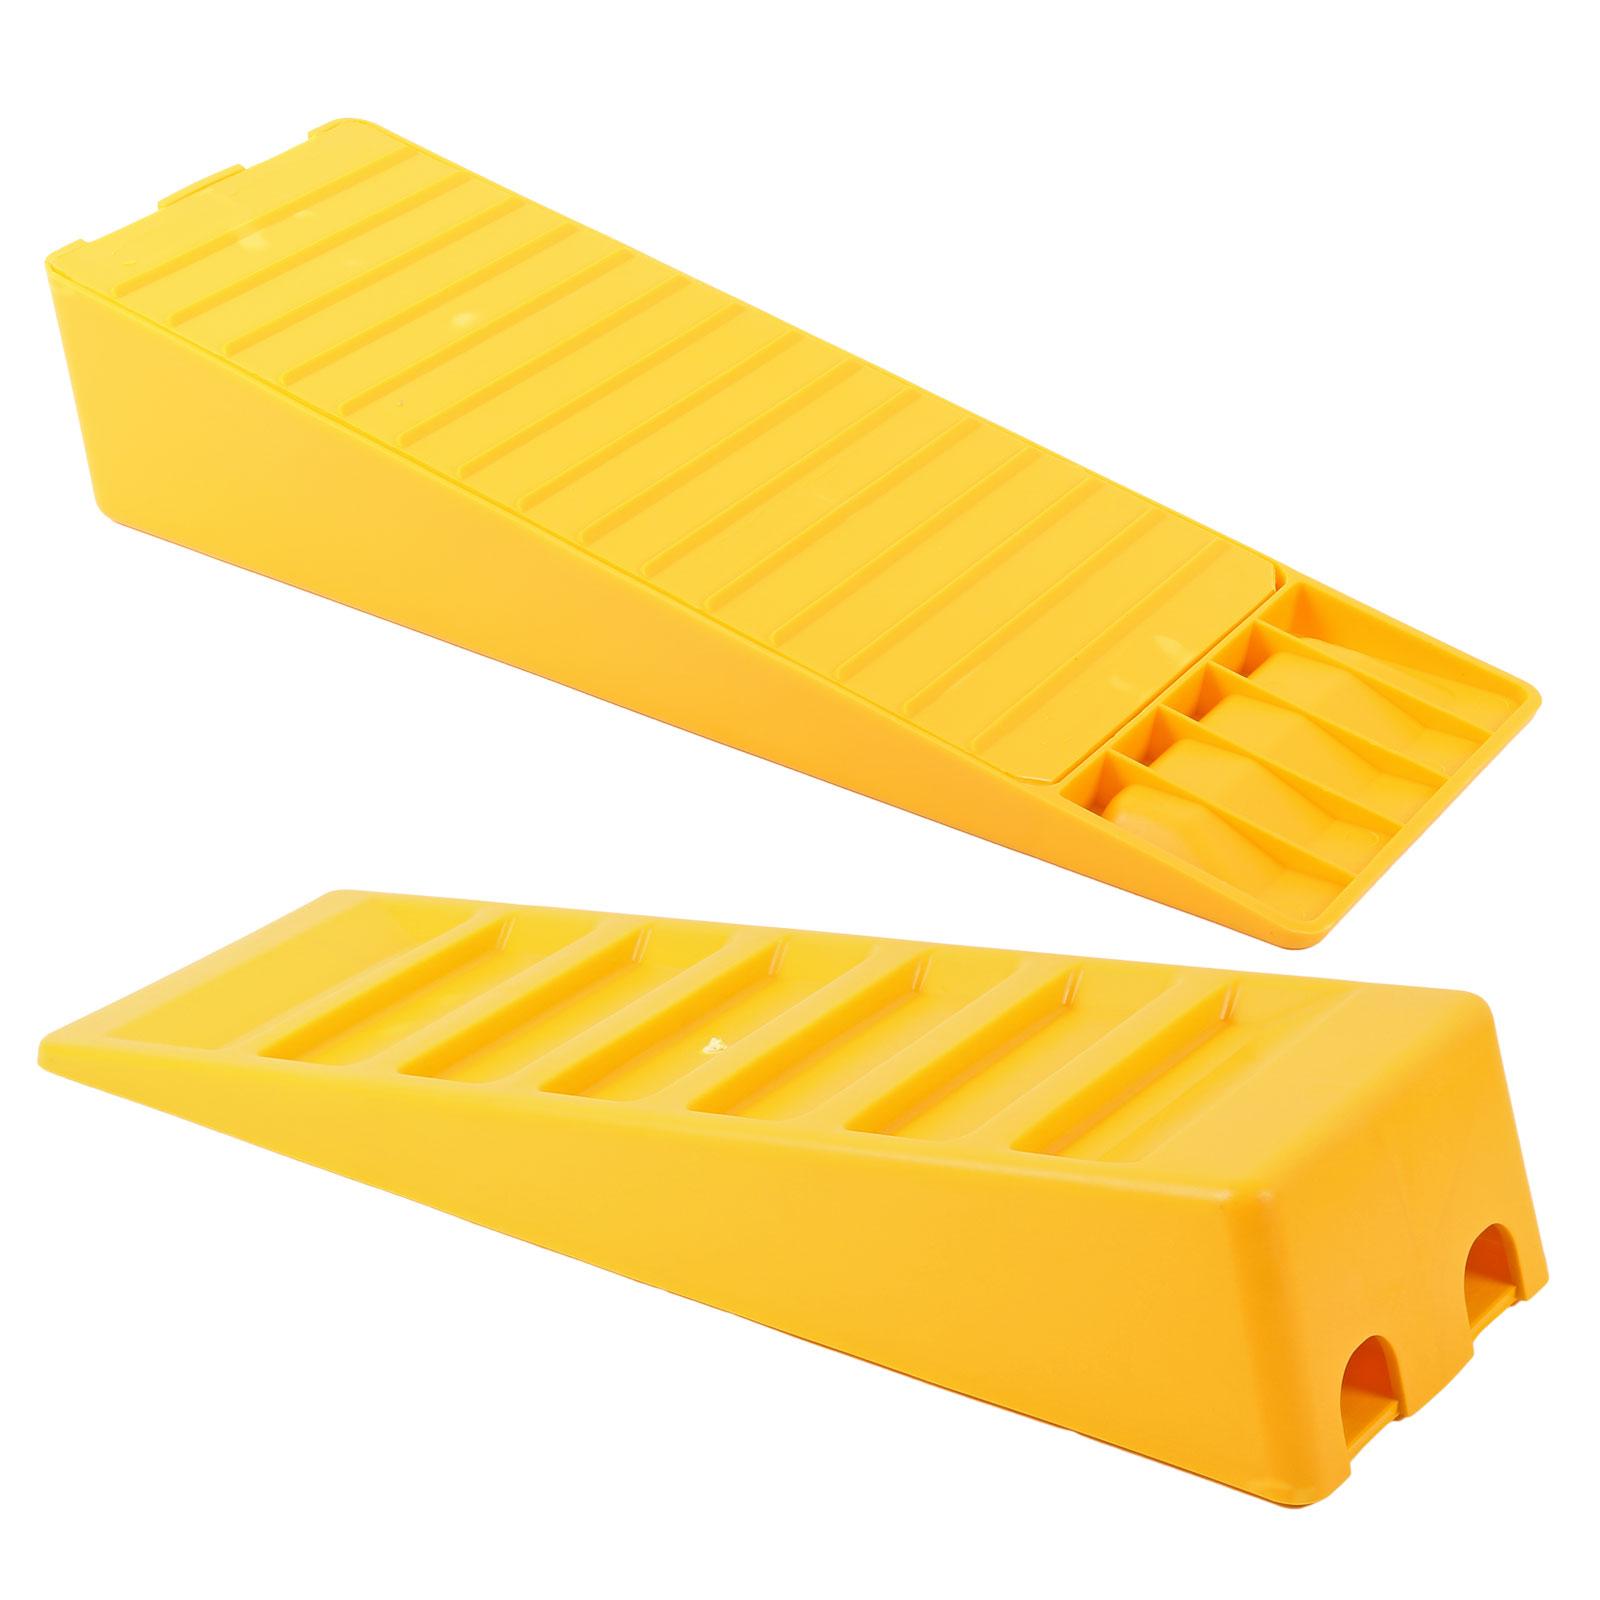 Wohnmobil Ausgleichskeile Leveller Standard 2er Set gelb